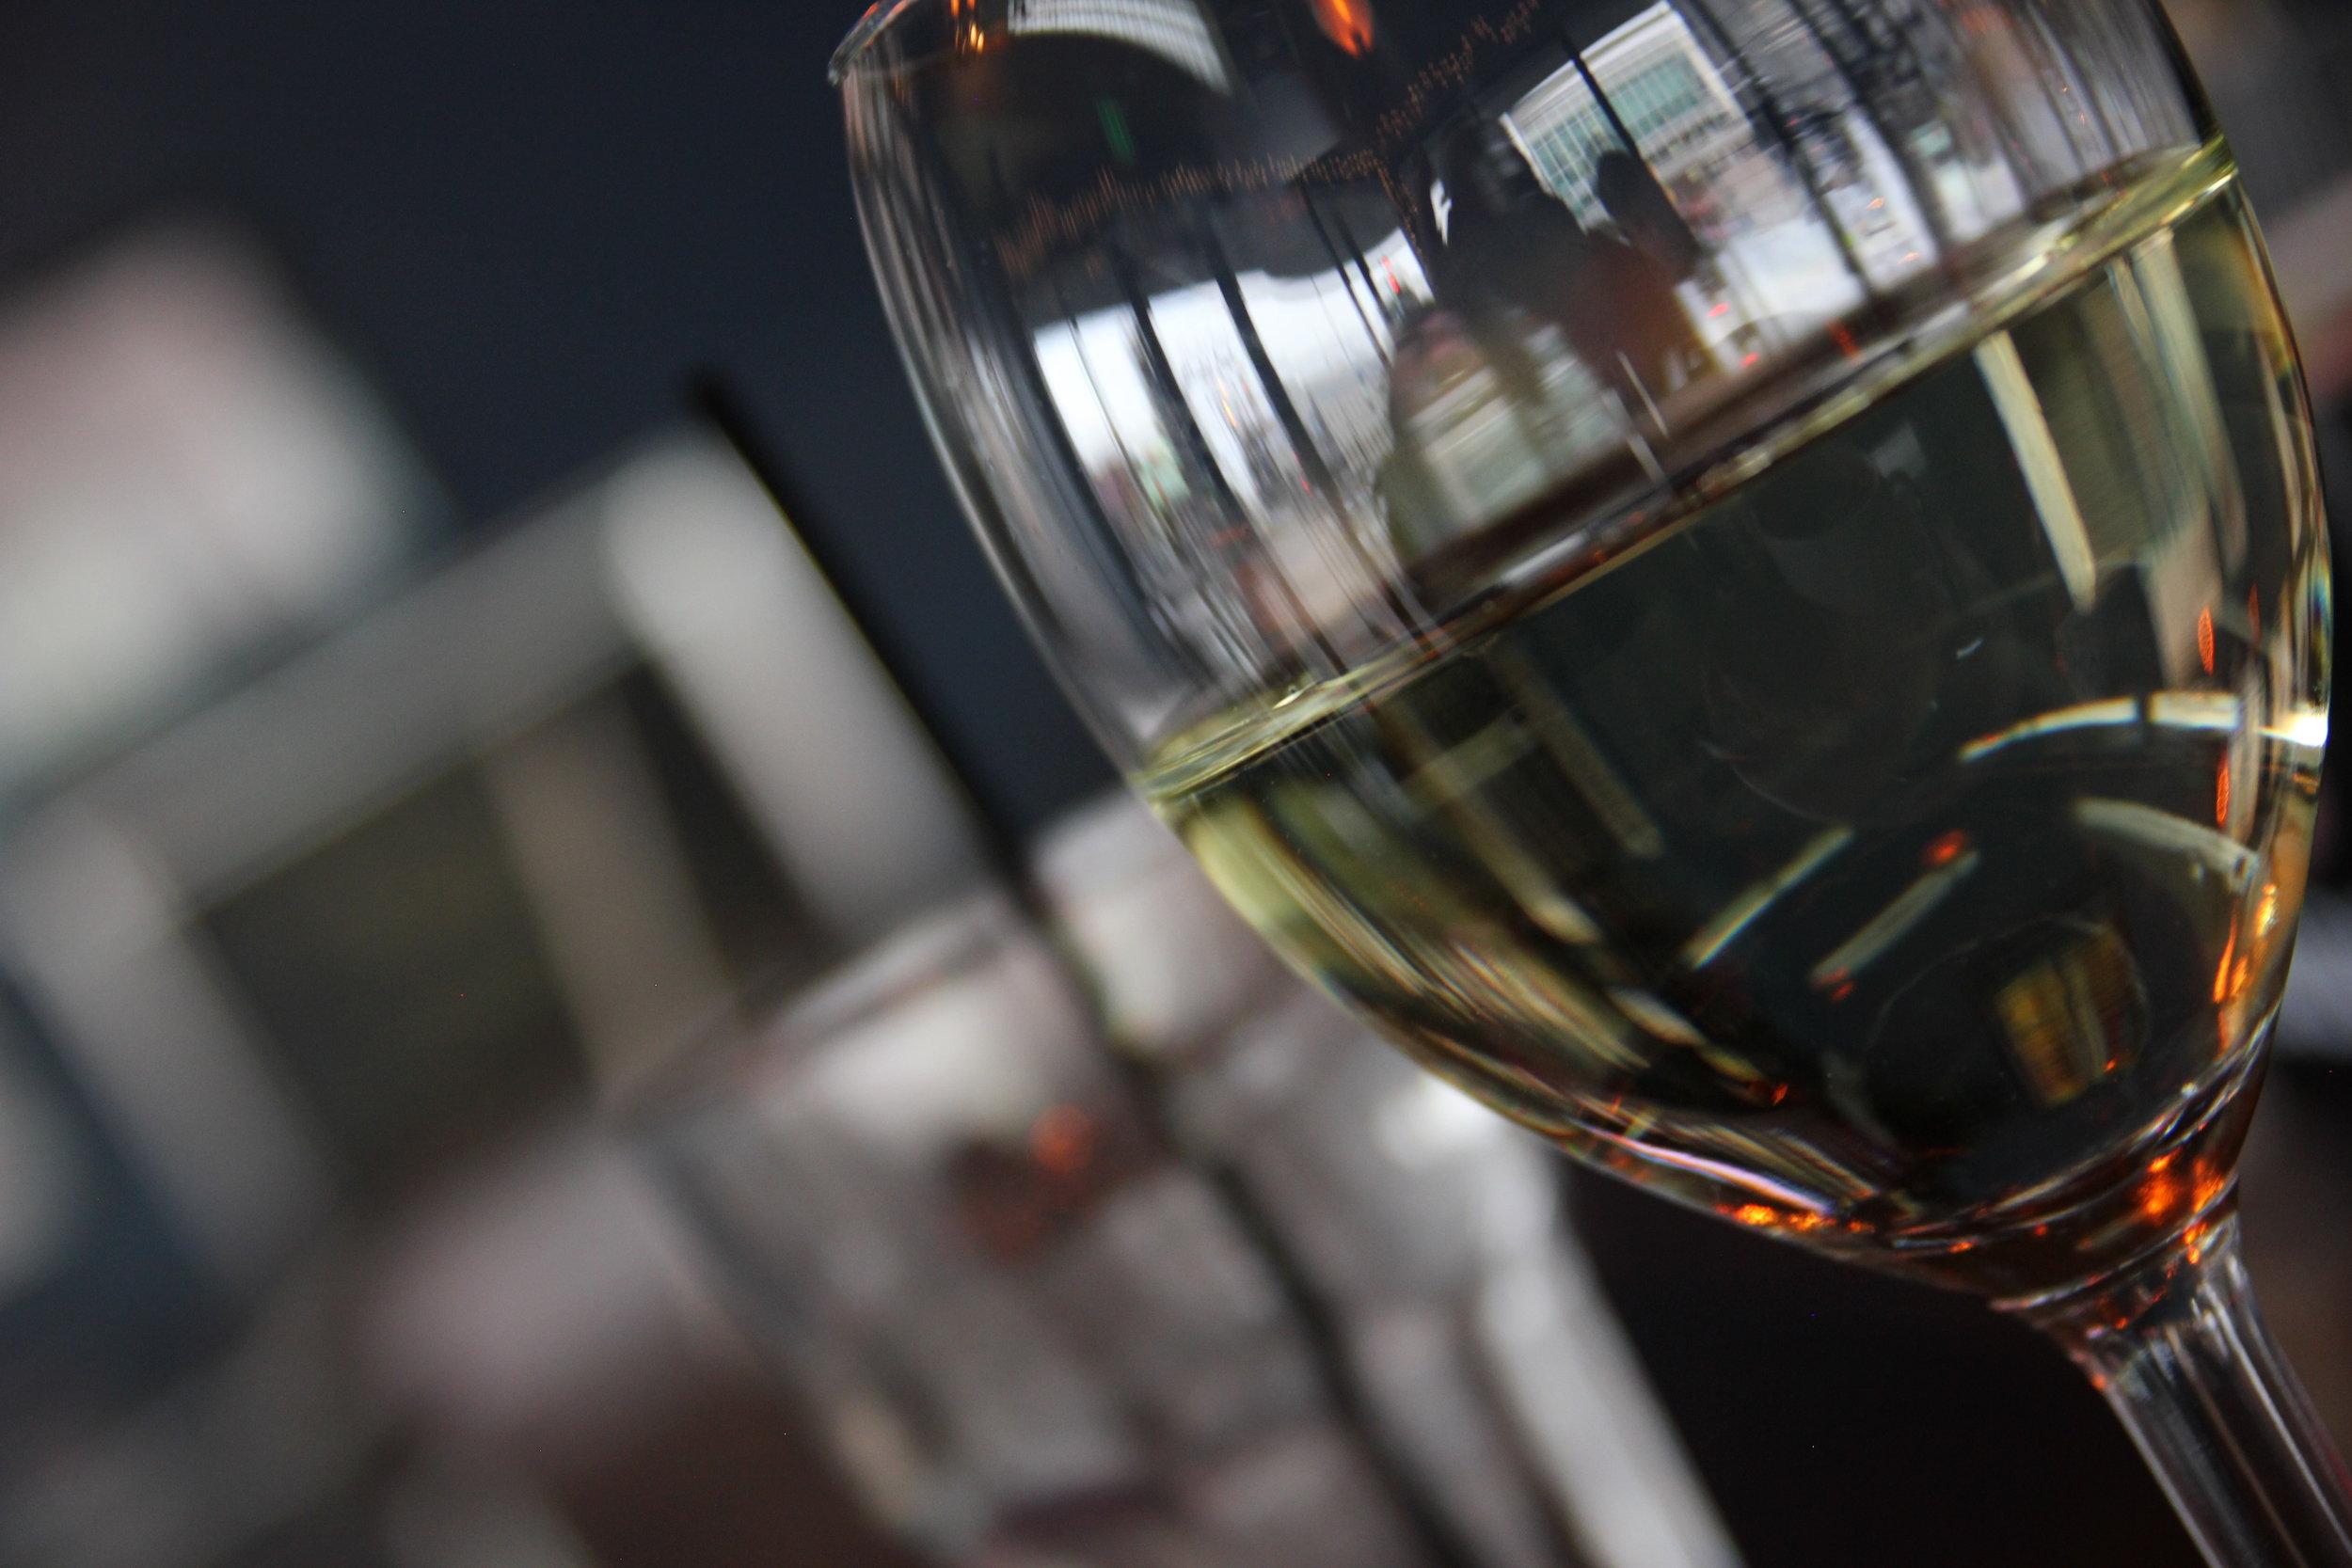 WINE - (GLASS/BOTTLE)